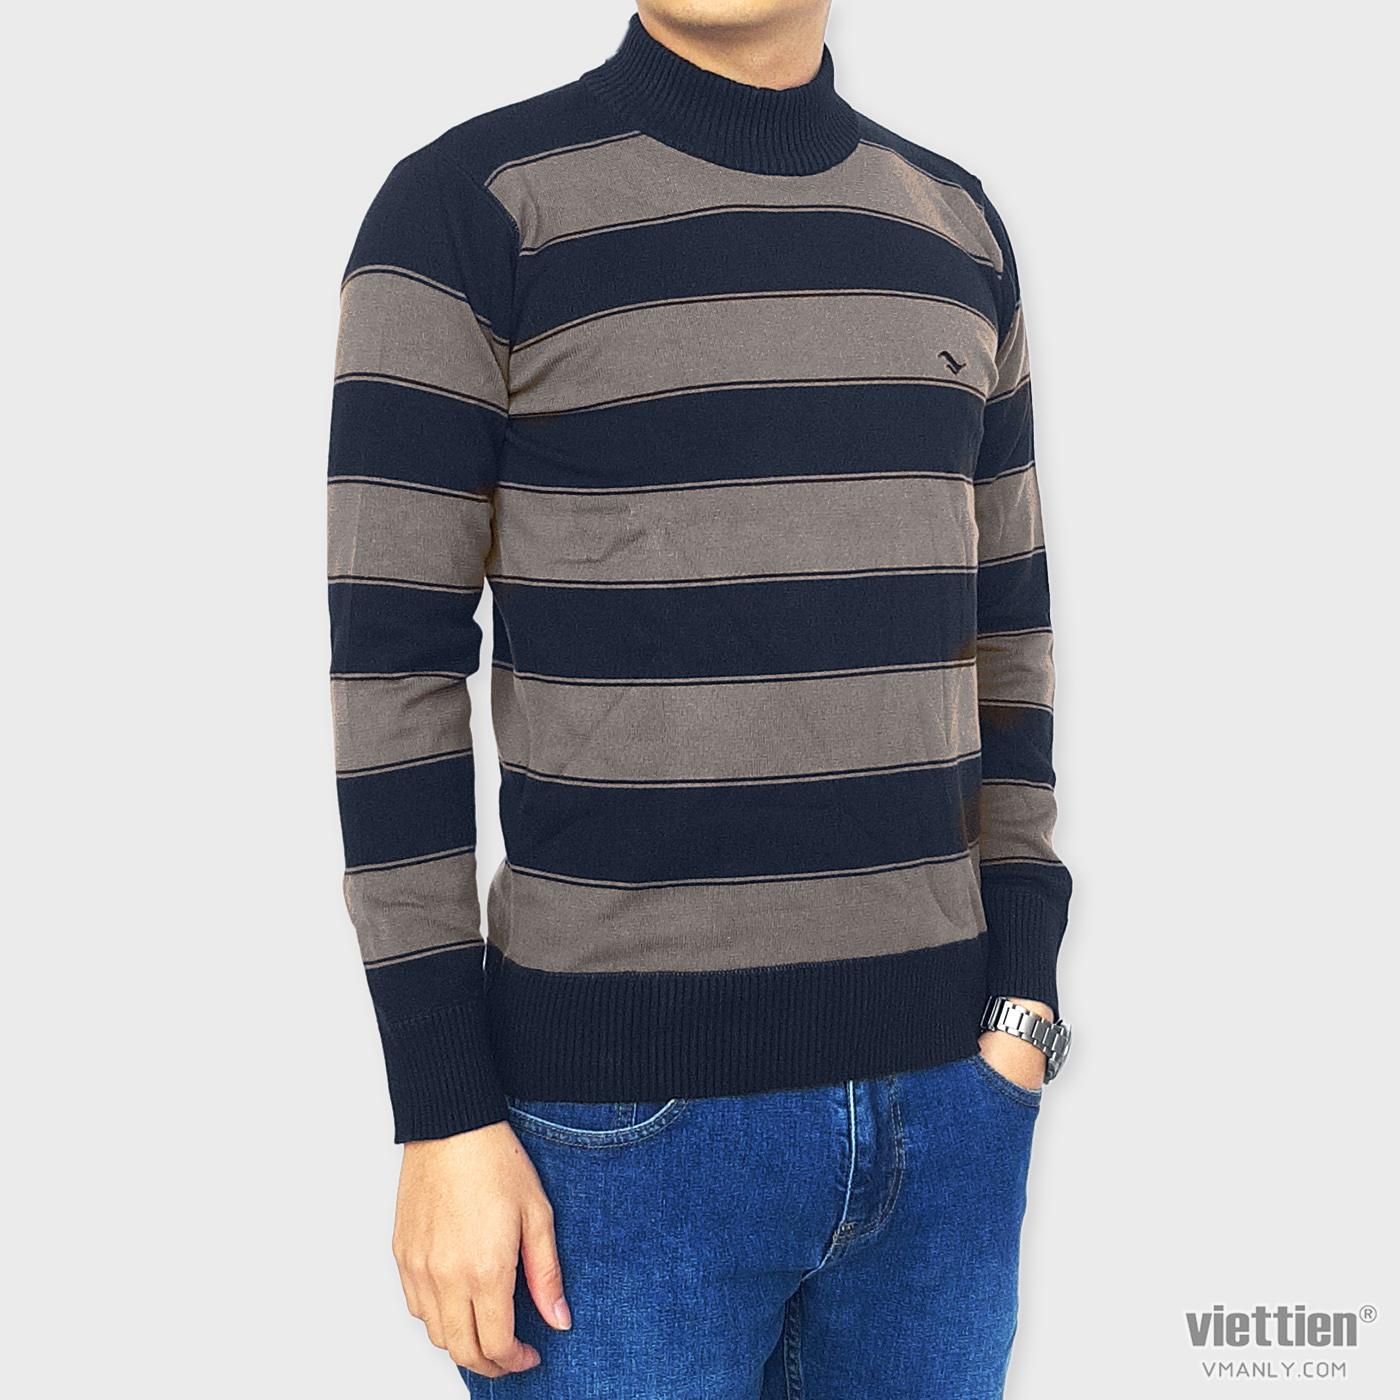 Áo len dài tay Việt Tiến cổ cao 6 cm màu đen sọc xám 6F9018CH4/LC